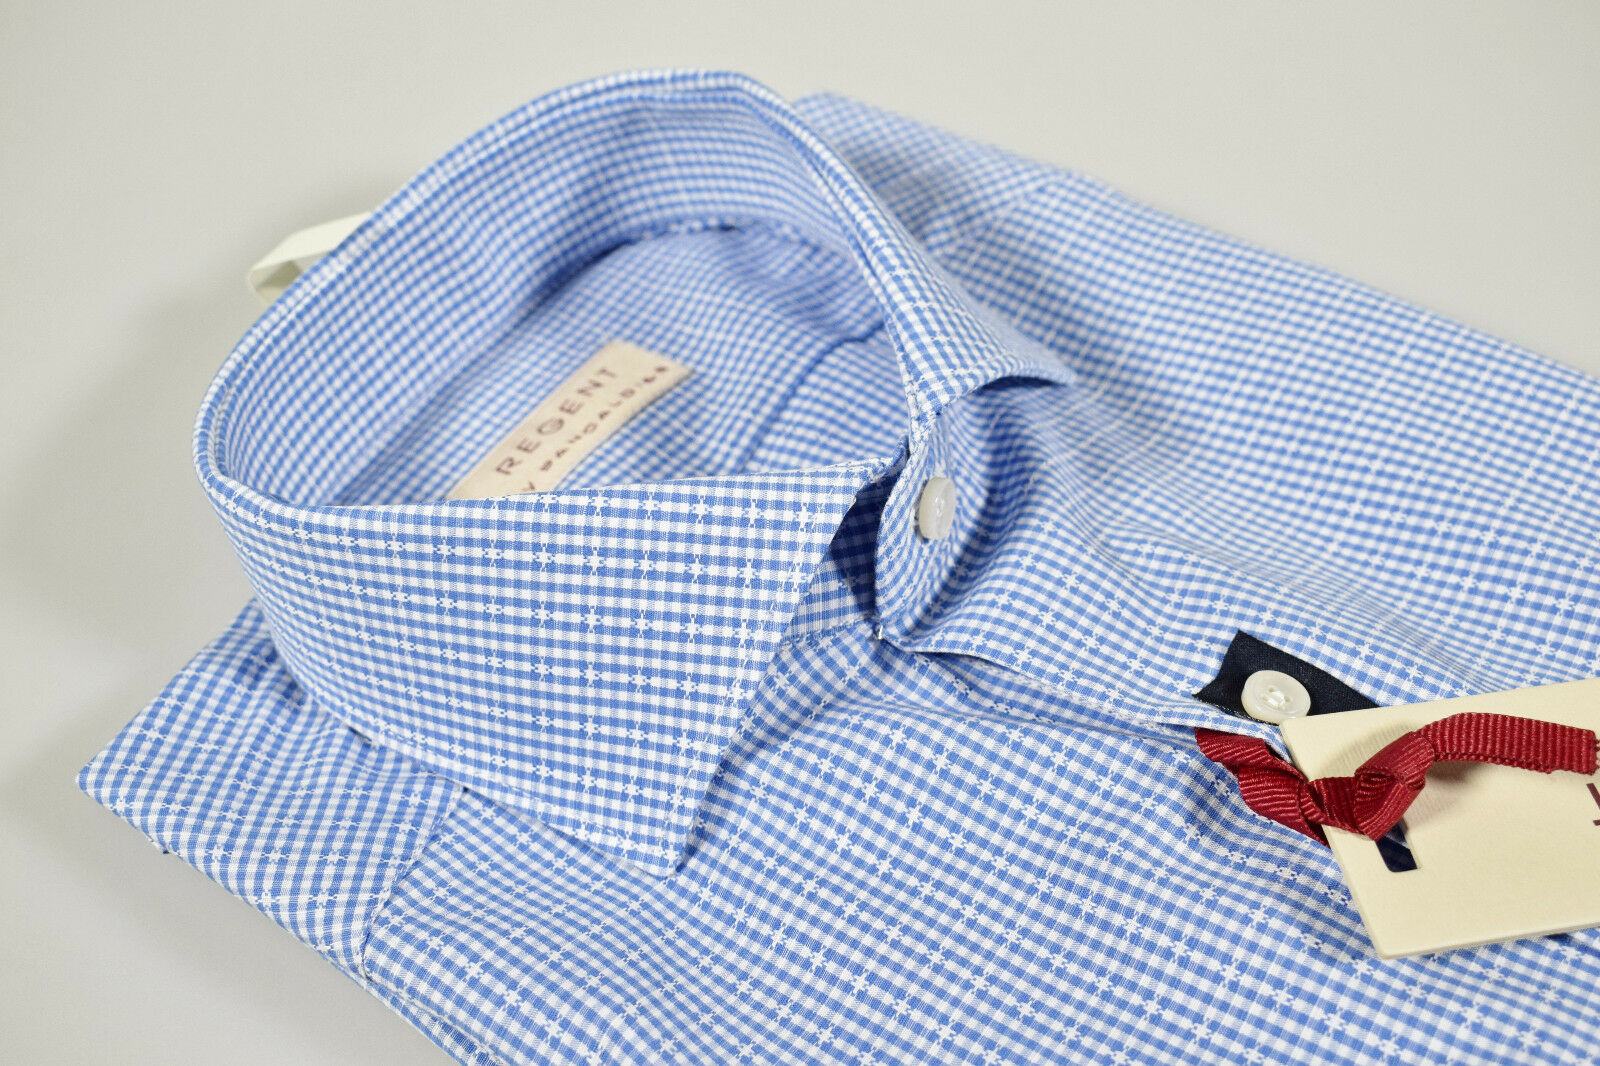 Camicia a quadretti Celeste Pancaldi collo francese vestibilità slim fit cotone